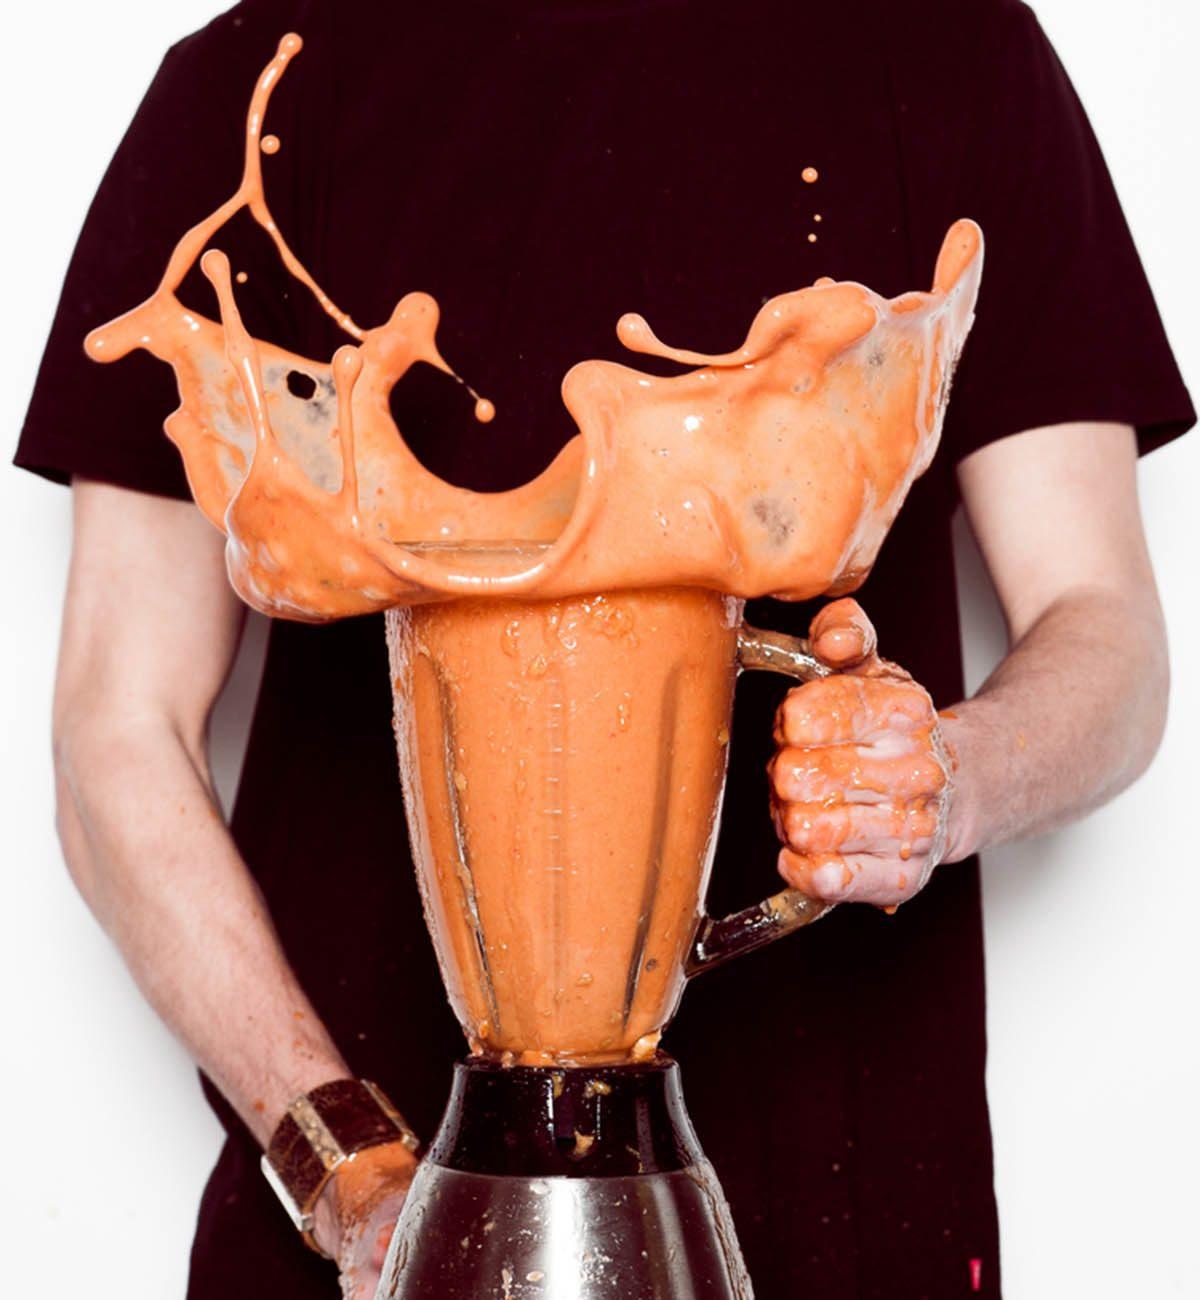 Les aliments trop ou trop peu liquides ne doivent jamais être mis au mélangeur.